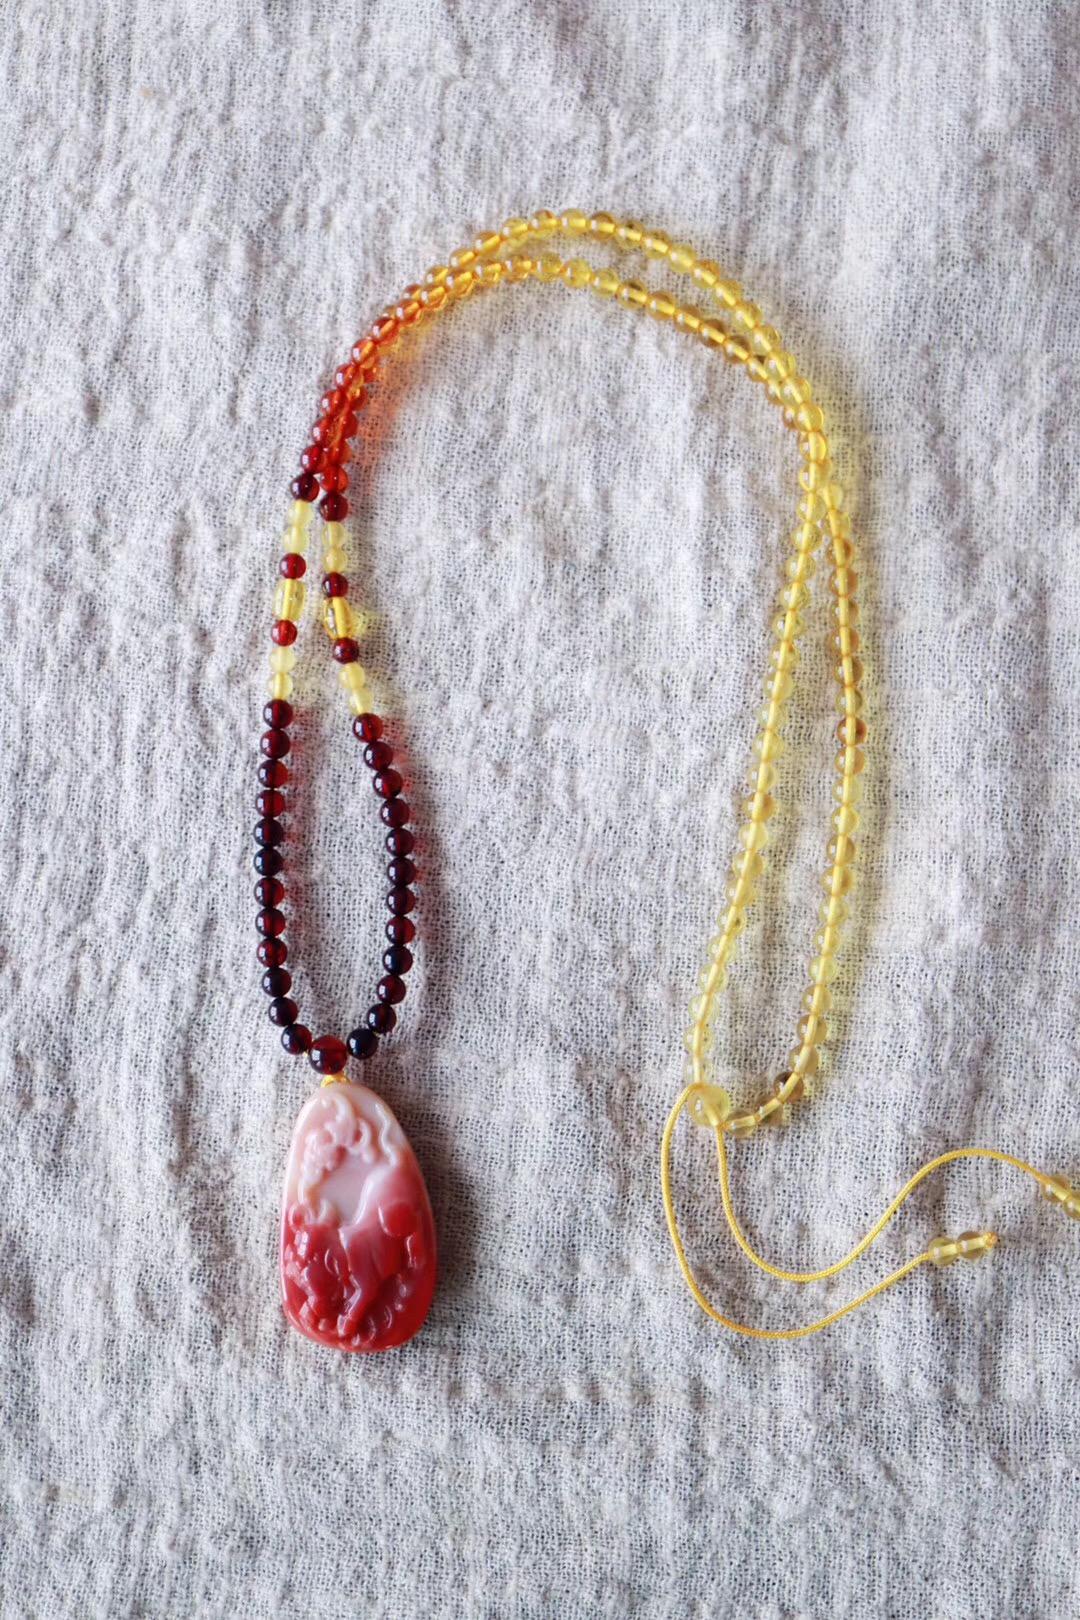 【菩心南红玛瑙 | 琥珀链】寓意福气和圆满,象征着猪事顺利-菩心晶舍